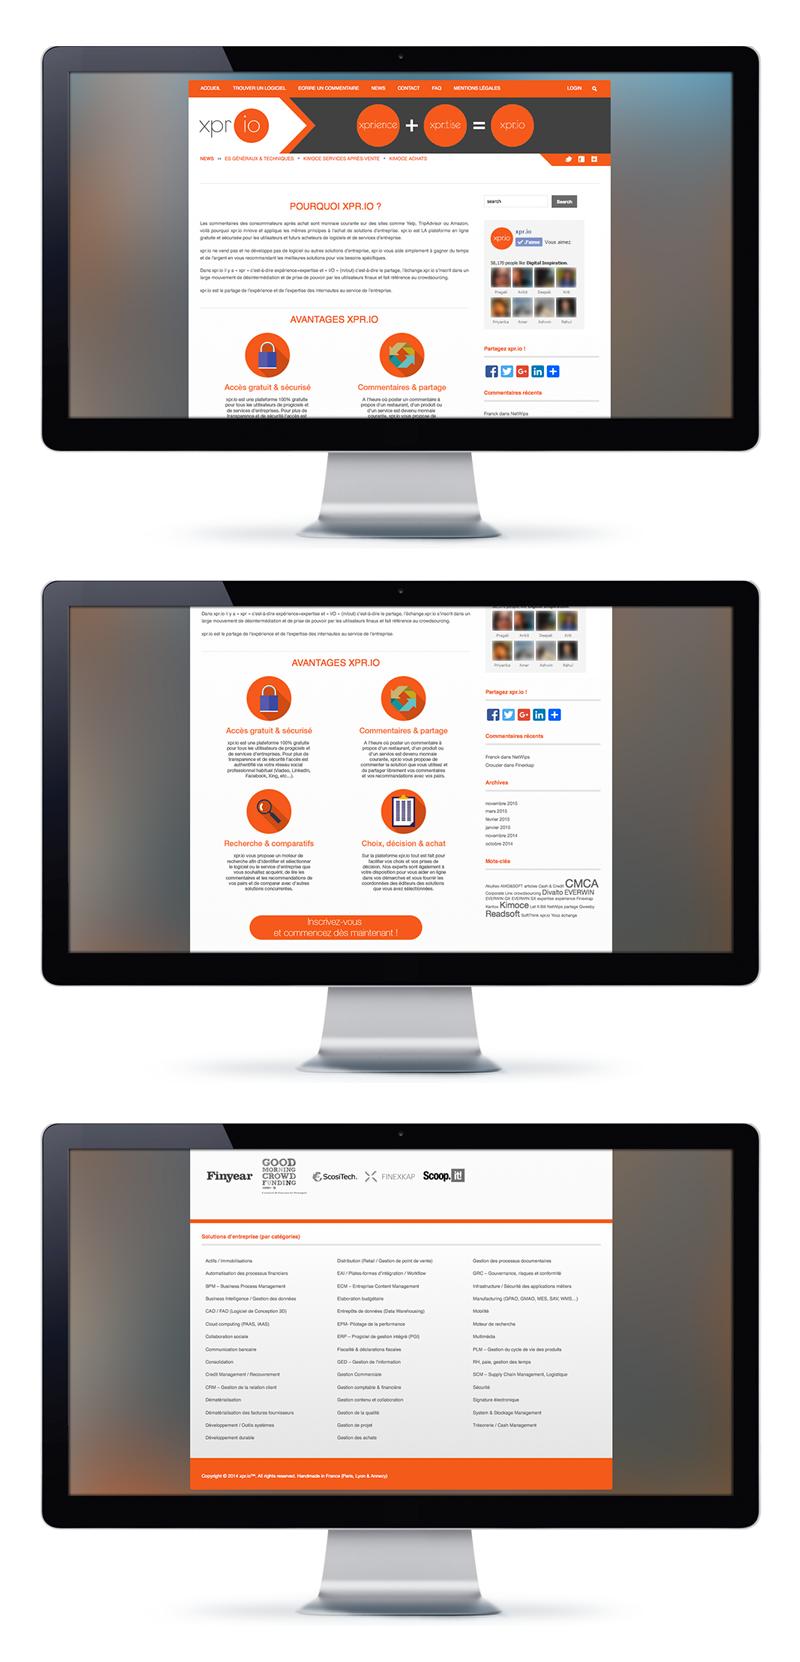 xpr.io website